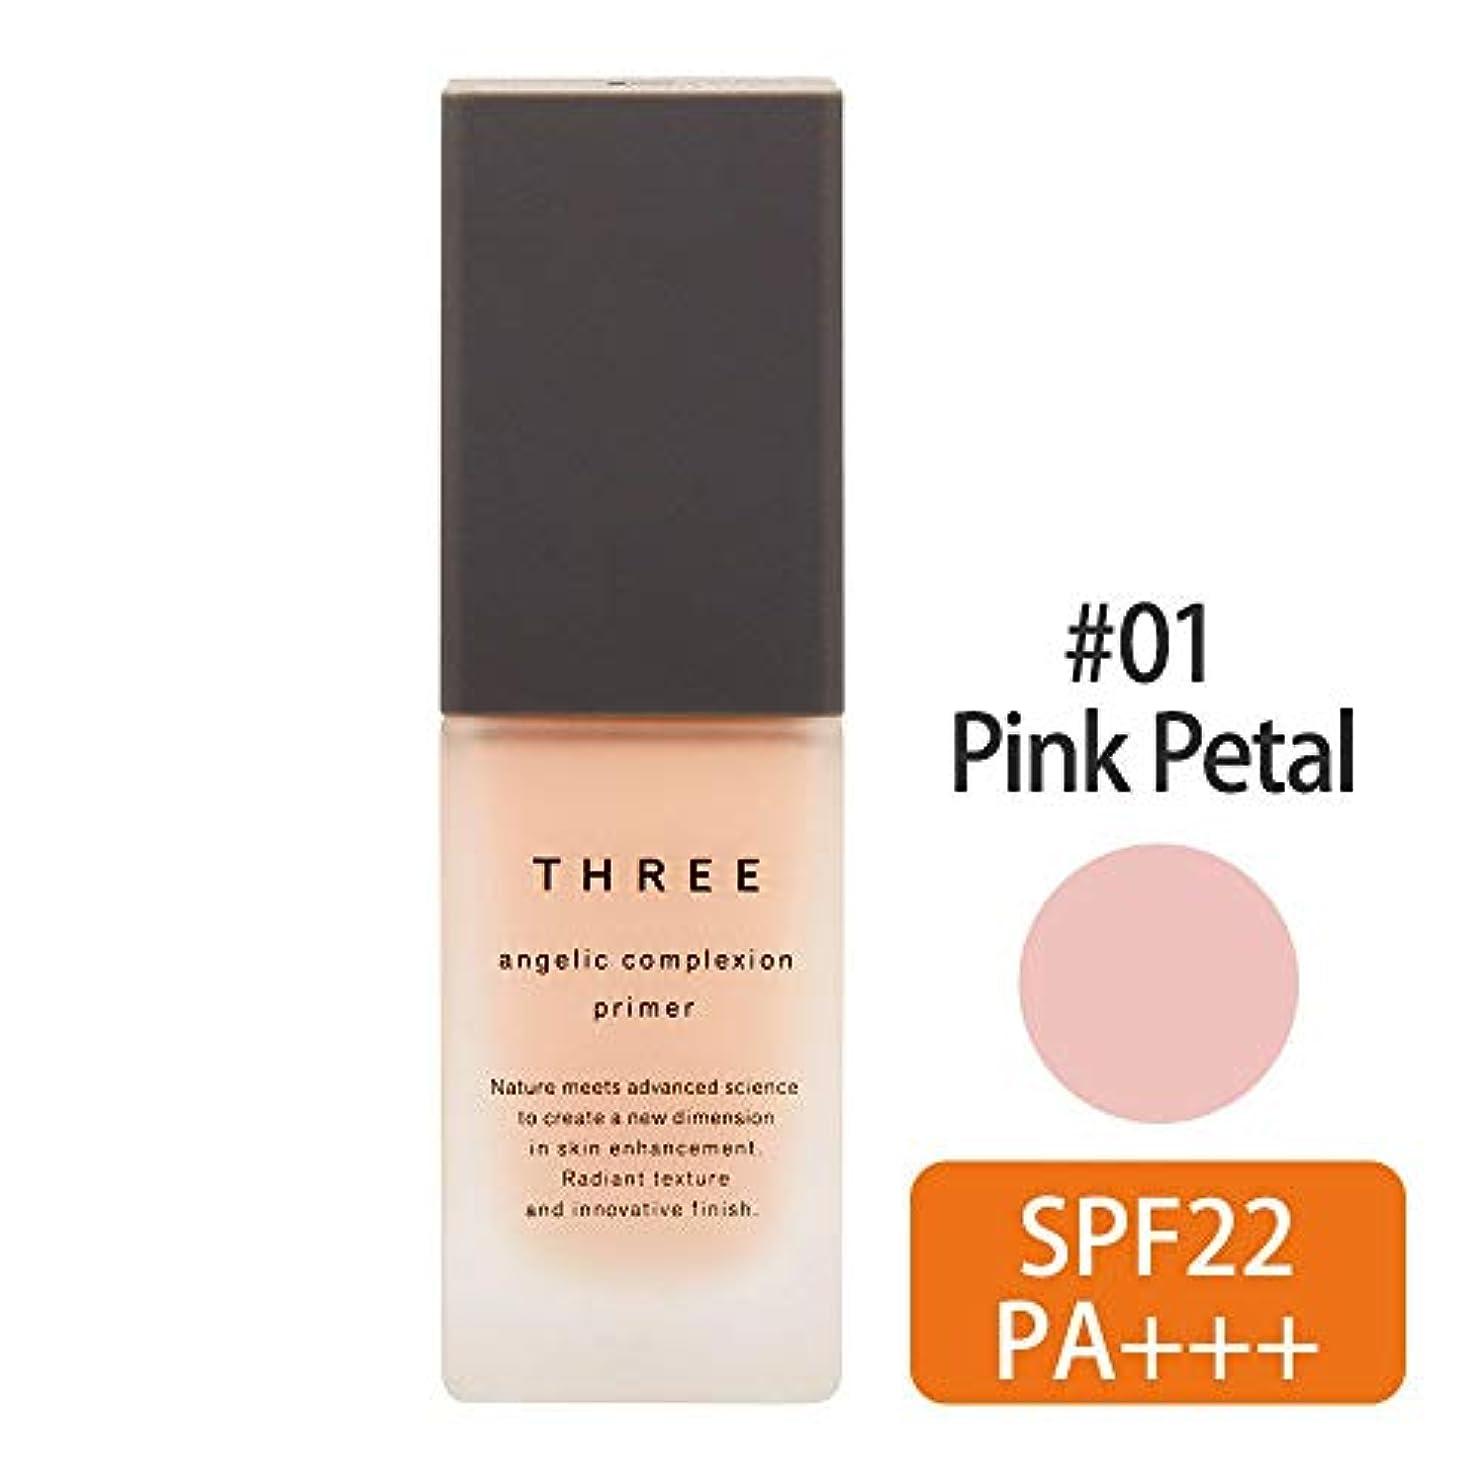 スリー(THREE) THREE アンジェリックコンプレクションプライマー #01(Pink Petal) 30g [並行輸入品]